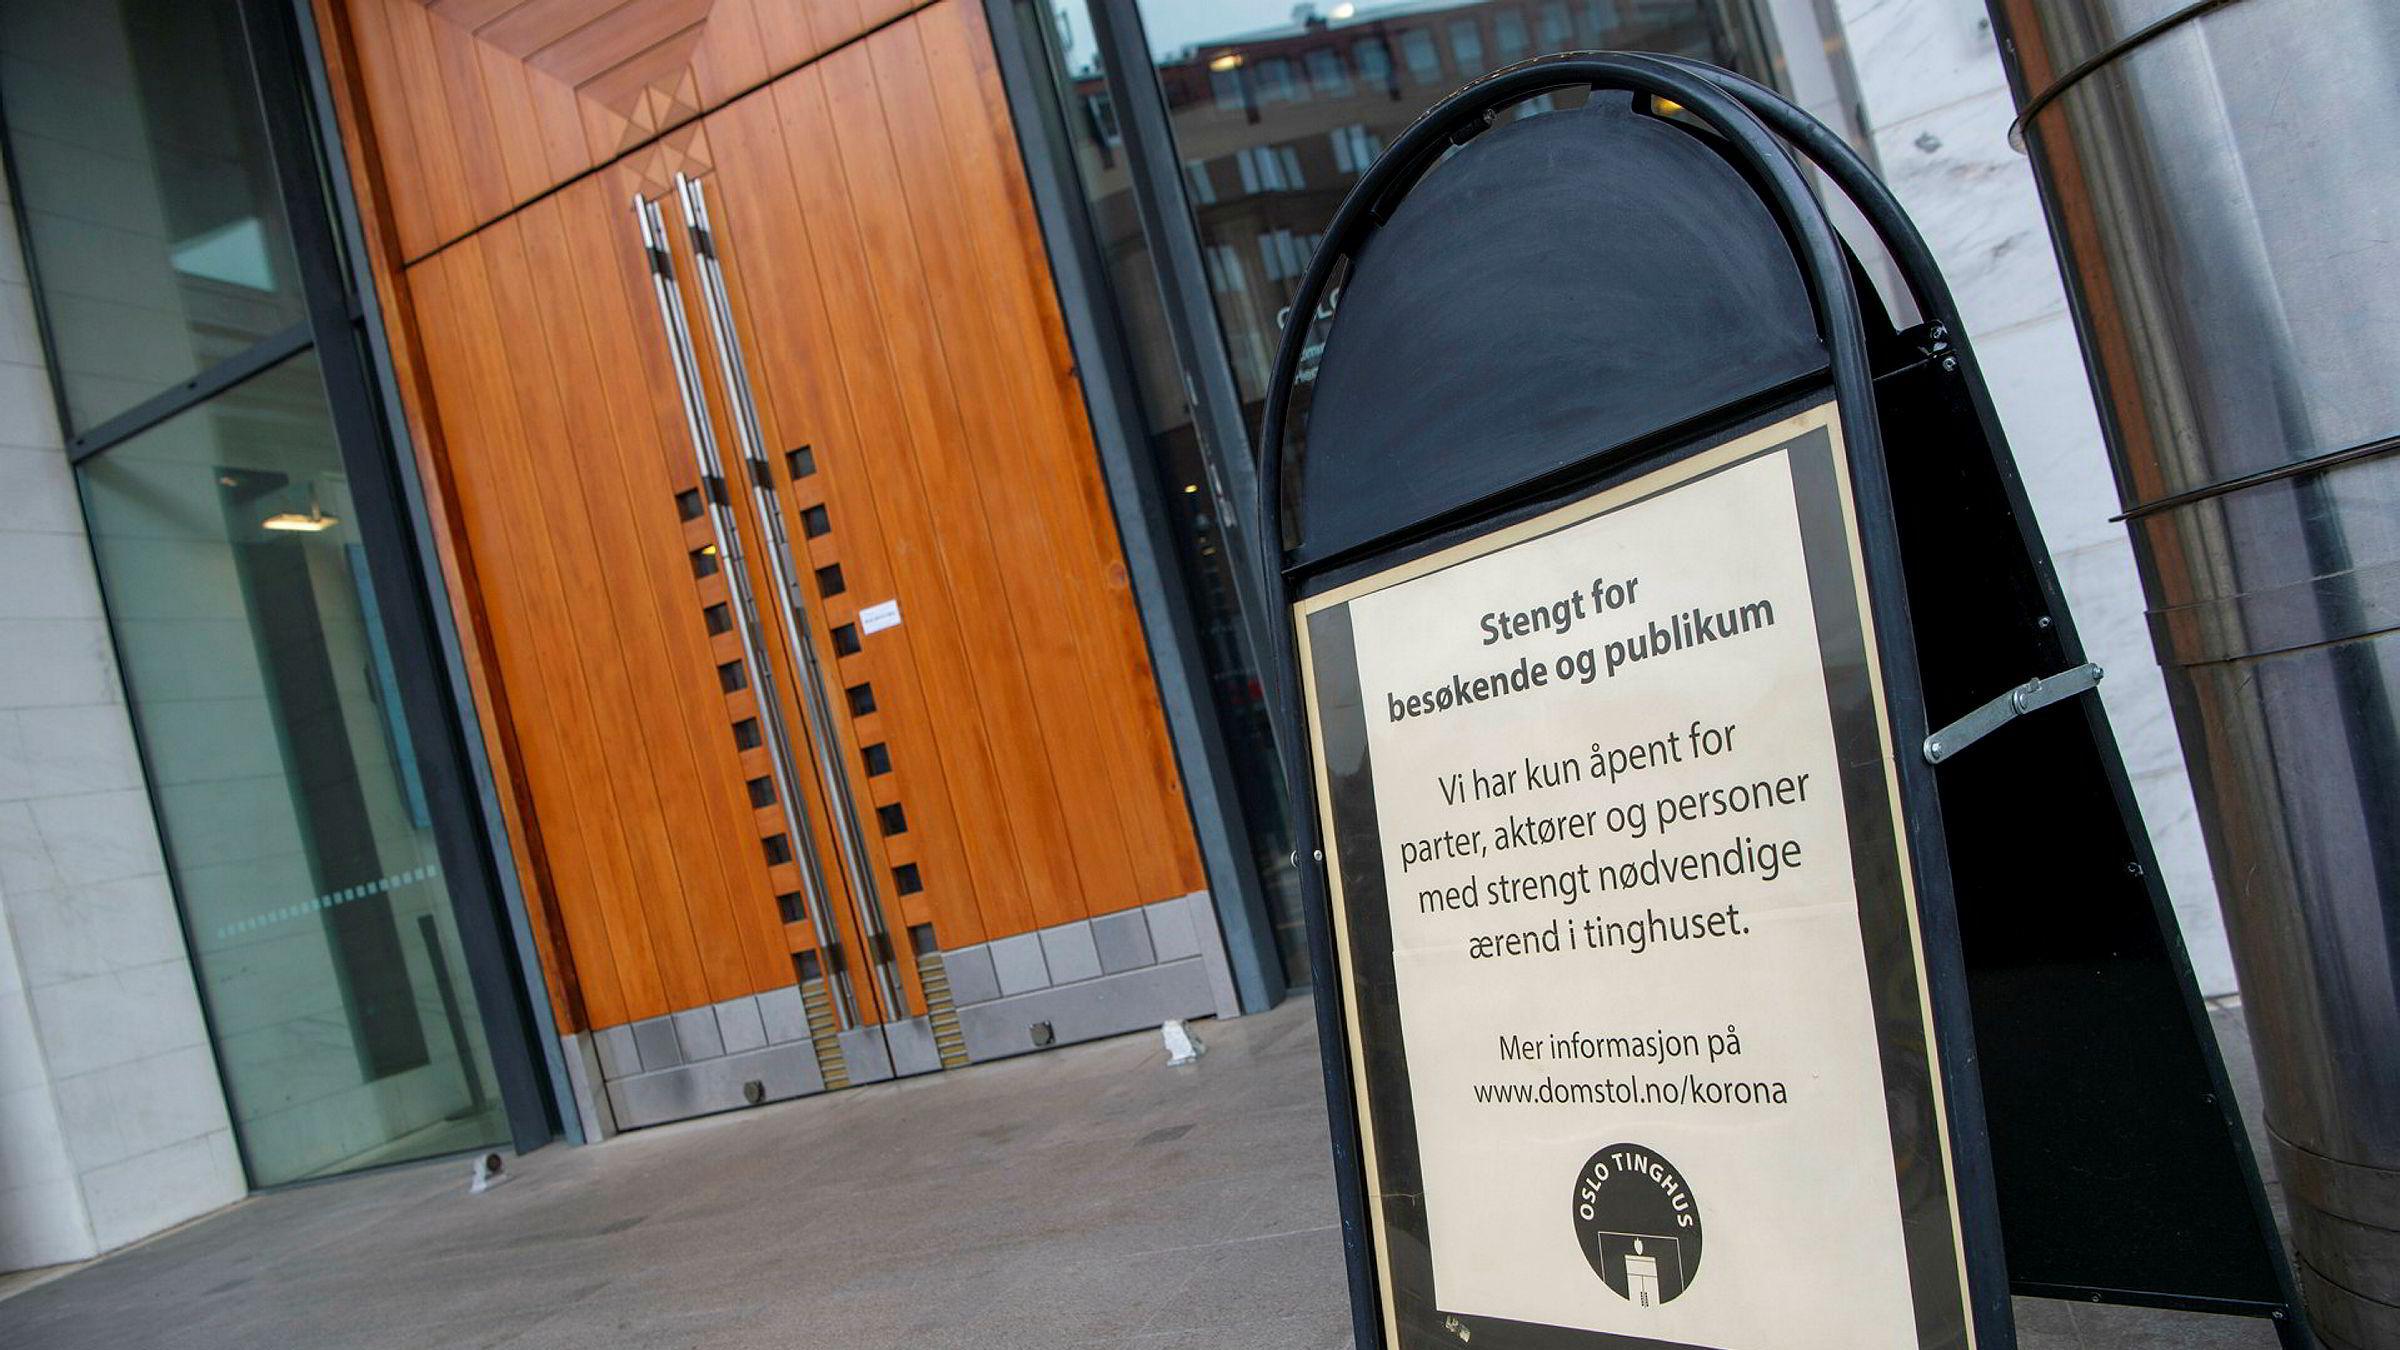 Skiltet utenfor Oslo tinghus taler sin tydelige sak om hvordan koronakrisen påvirker domstolene. Foto Elin Høyland.